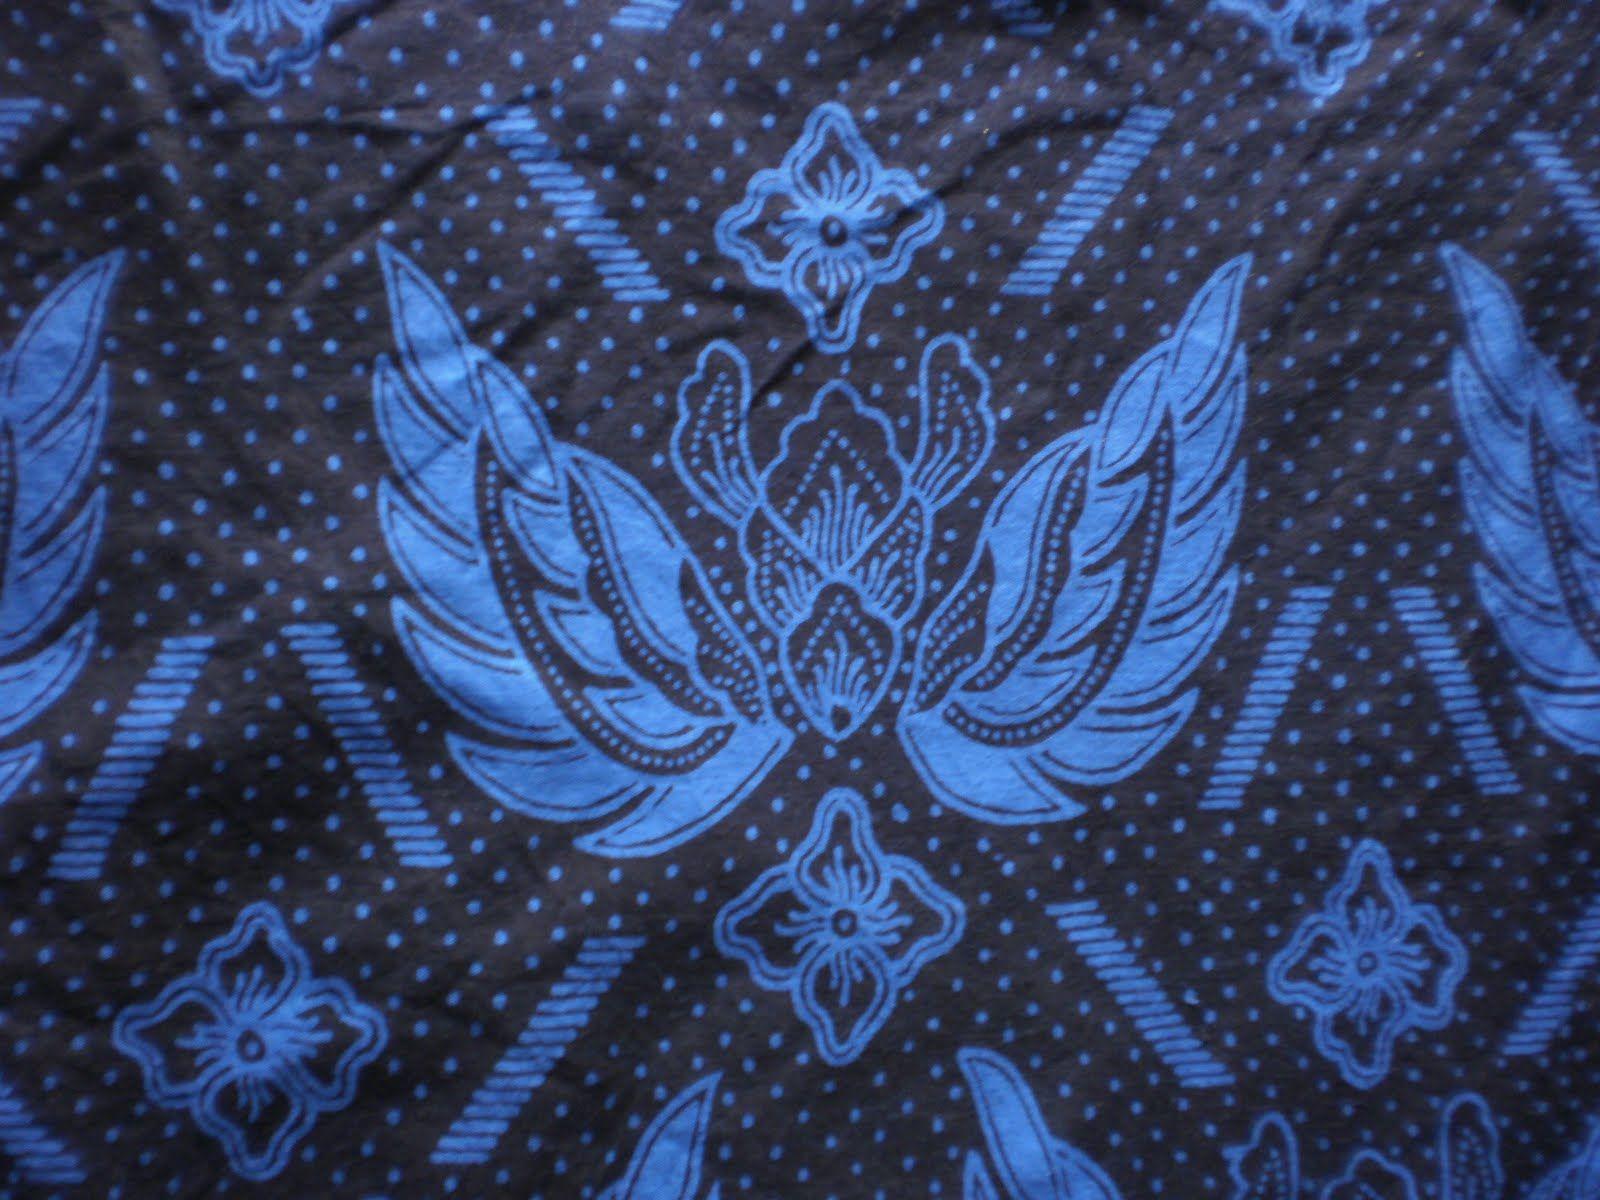 baduy batik  this type of batik only employs indigo  tarum